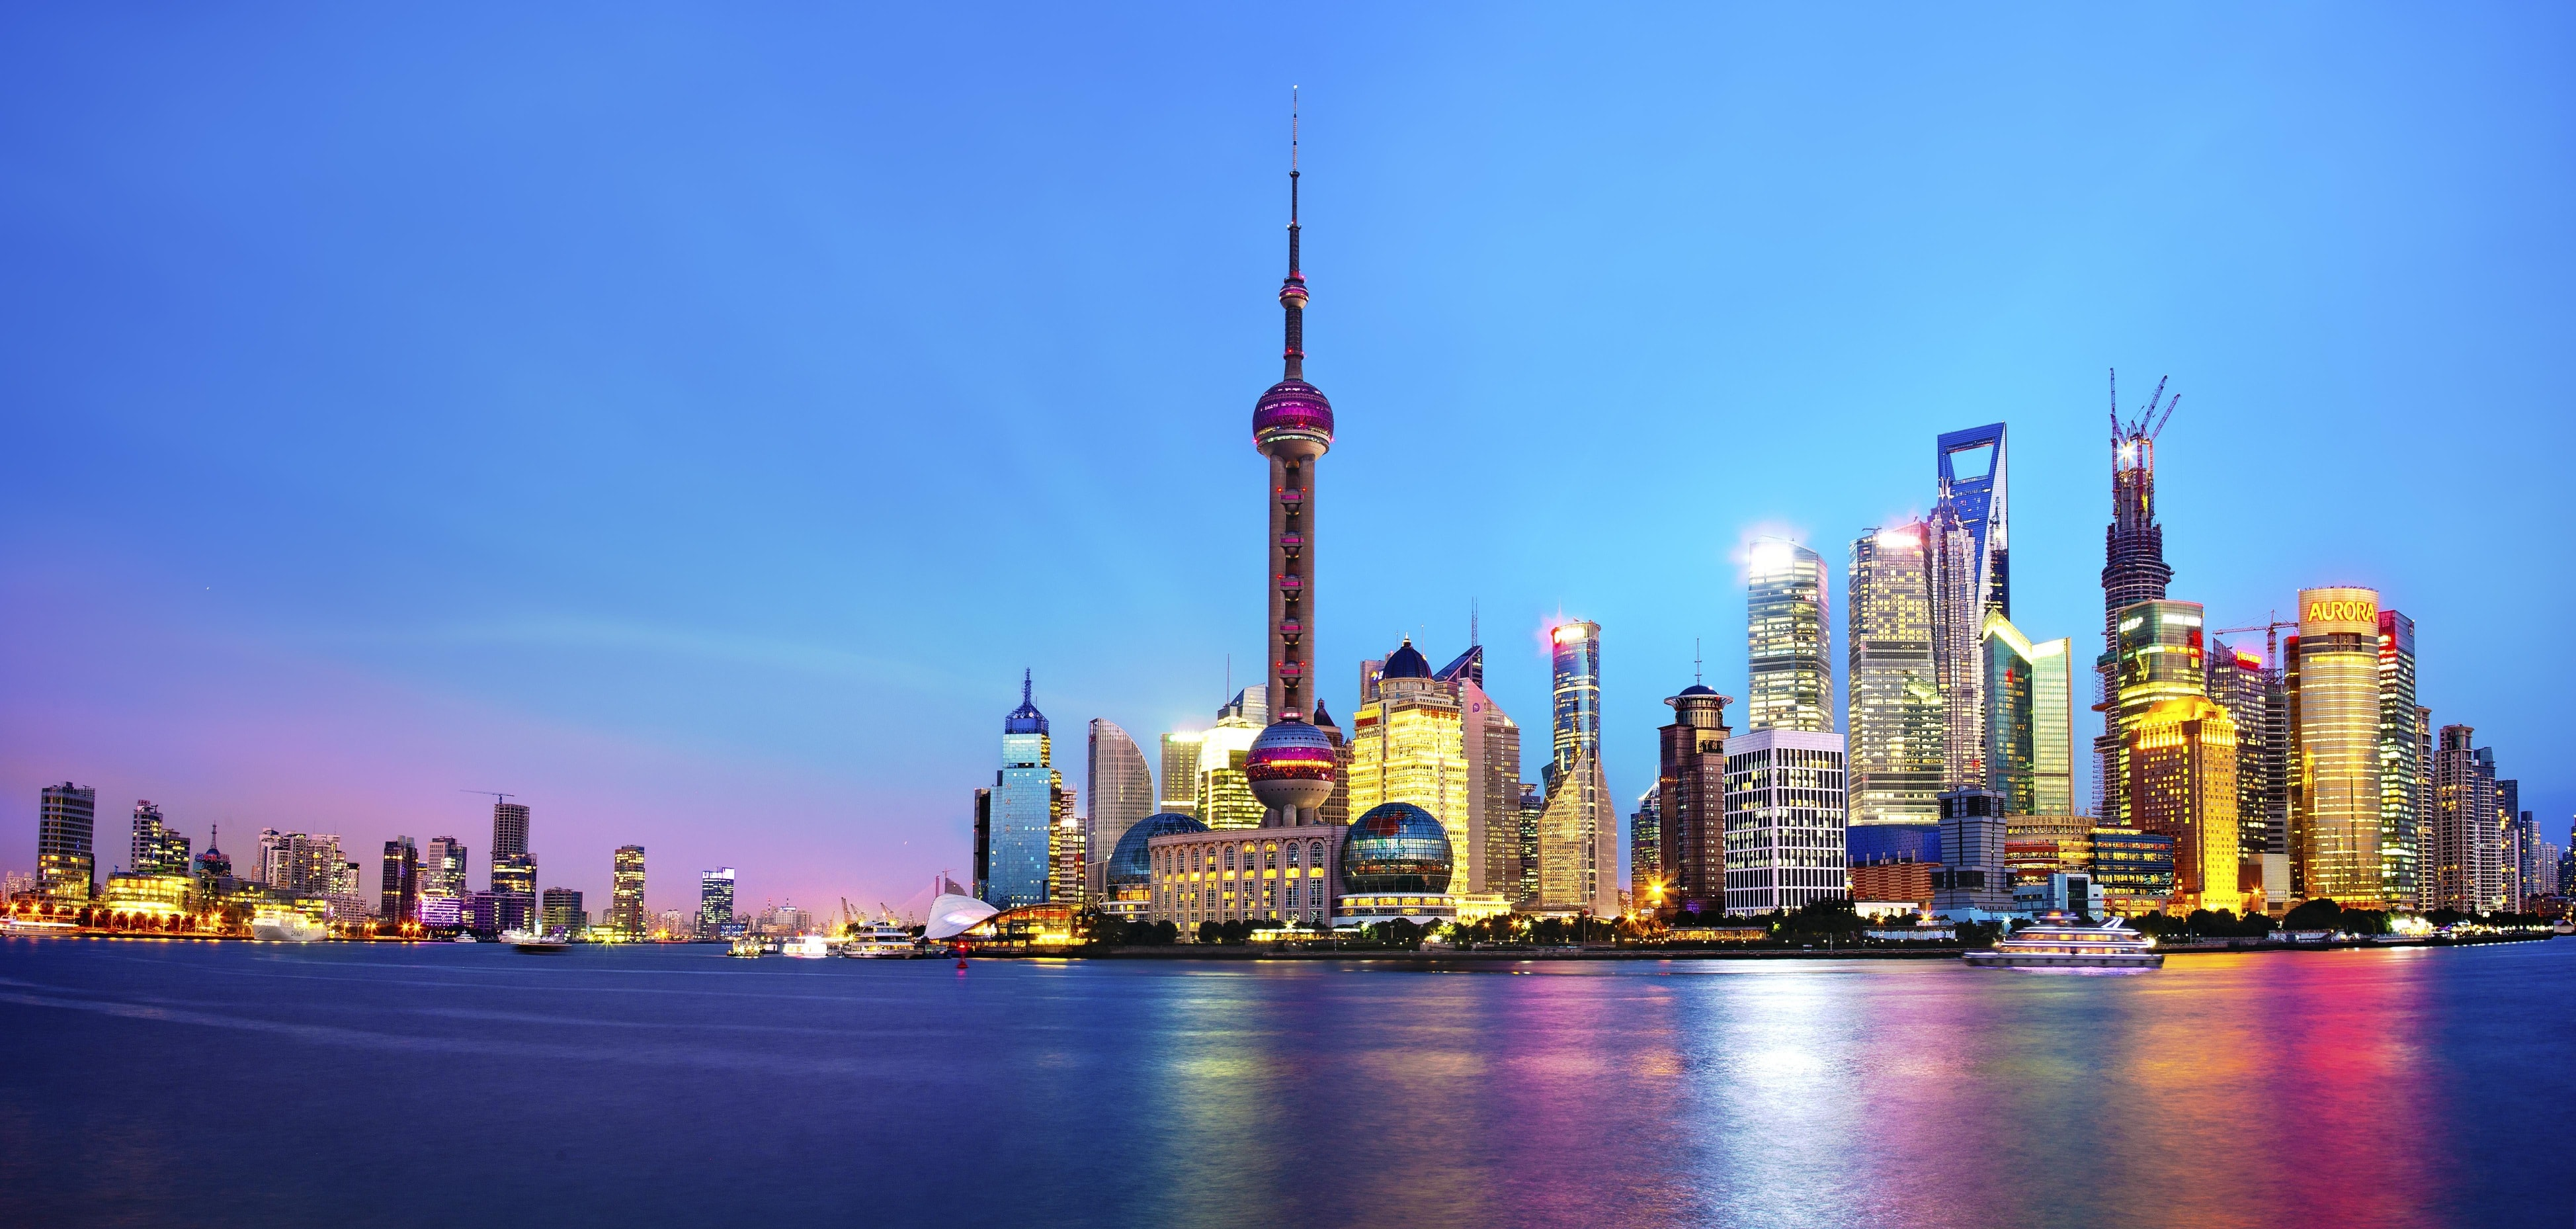 Shanghai widescreen wallpapers